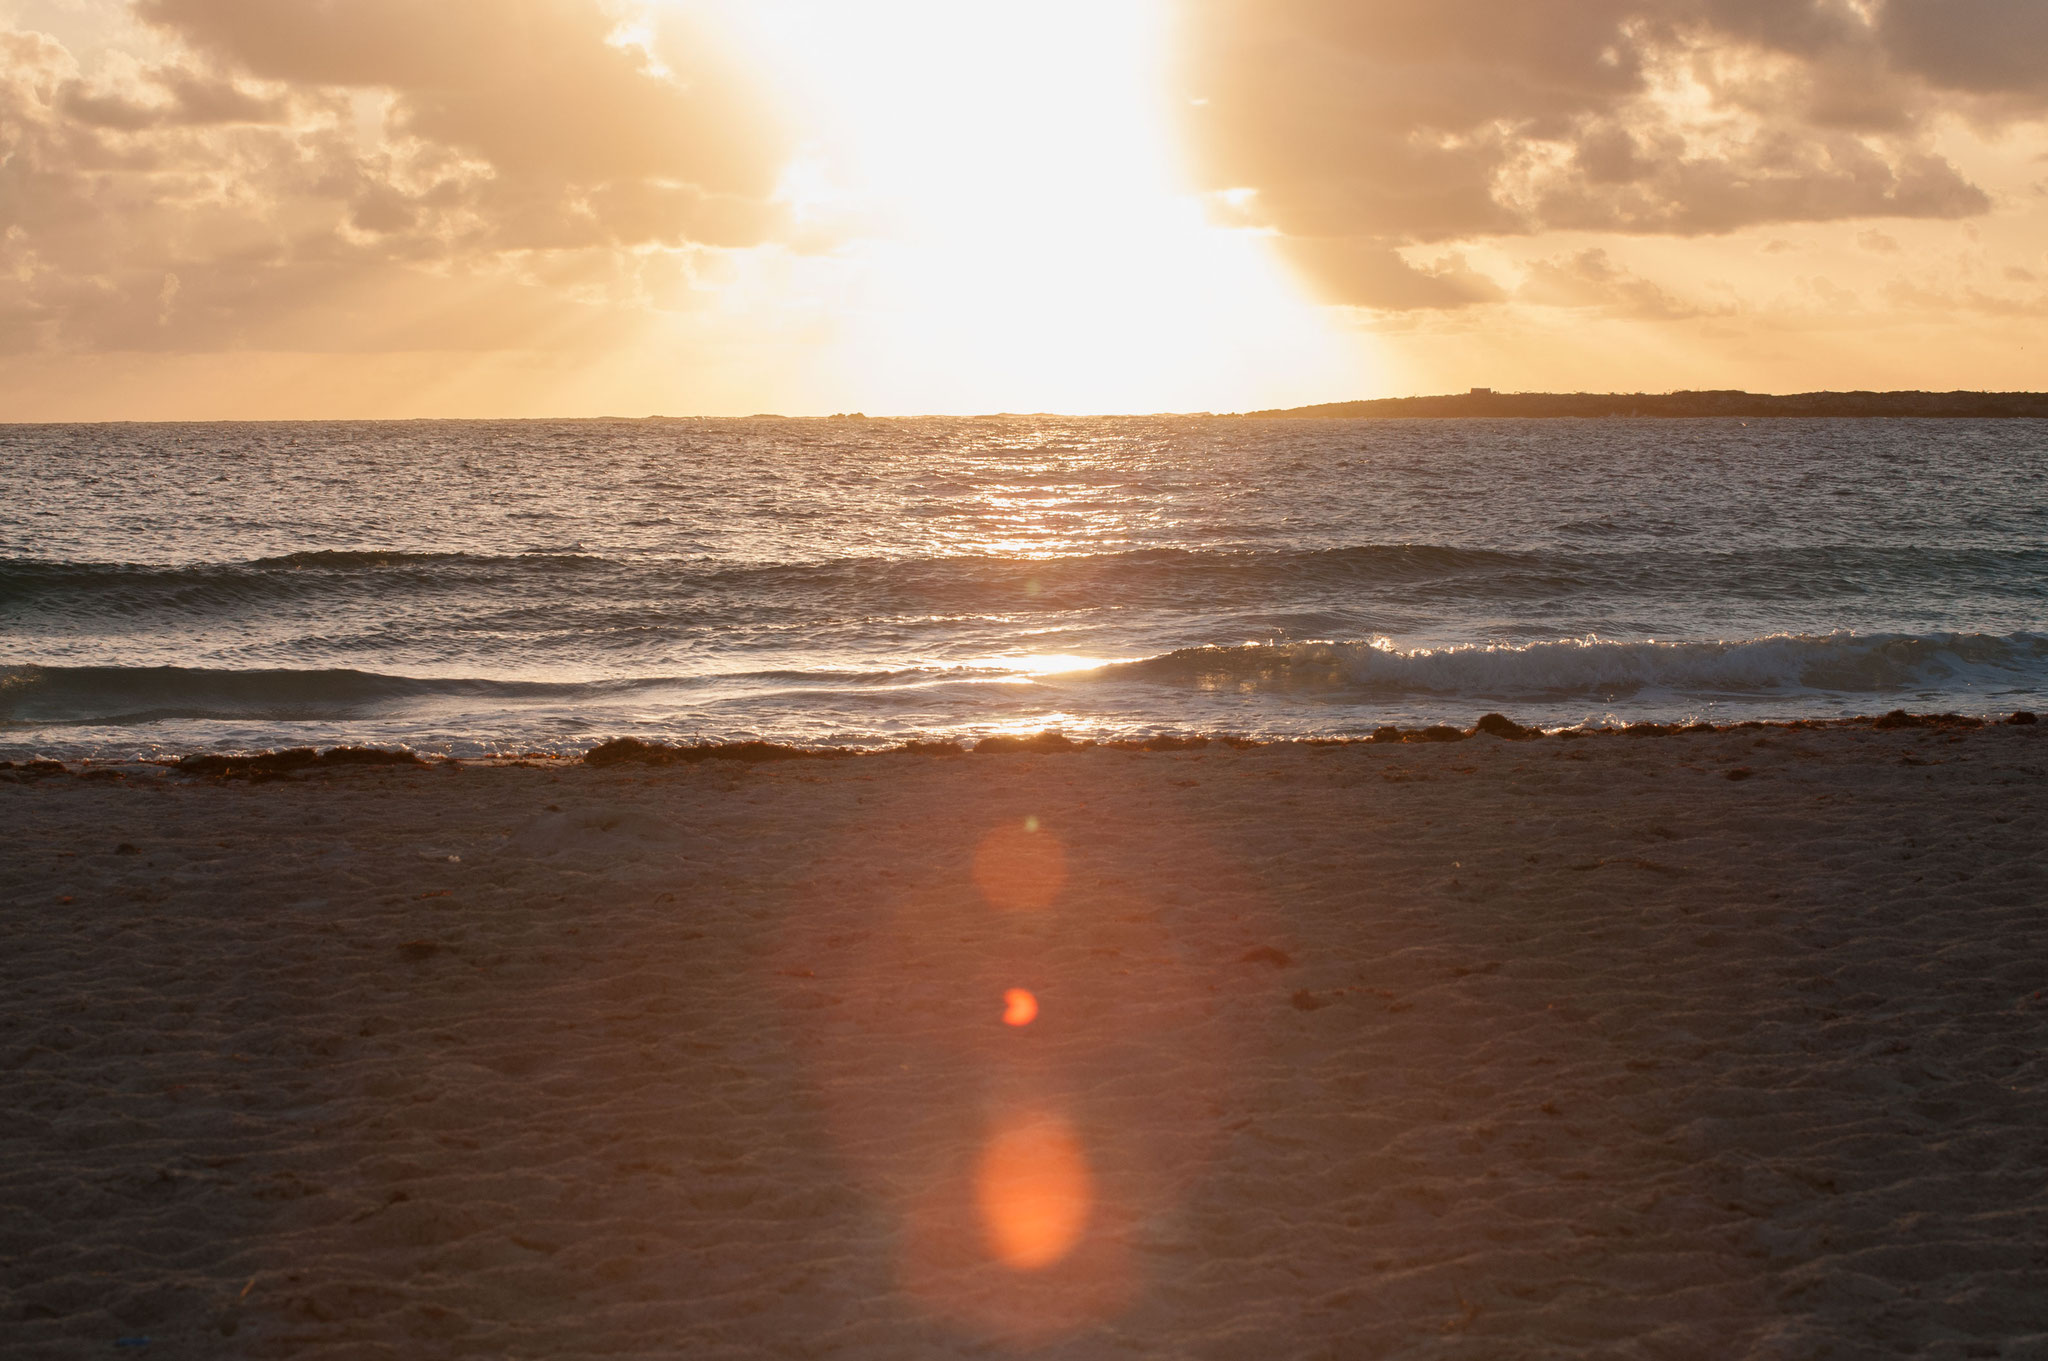 Le lever du soleil sur la plage de la baie Orientale